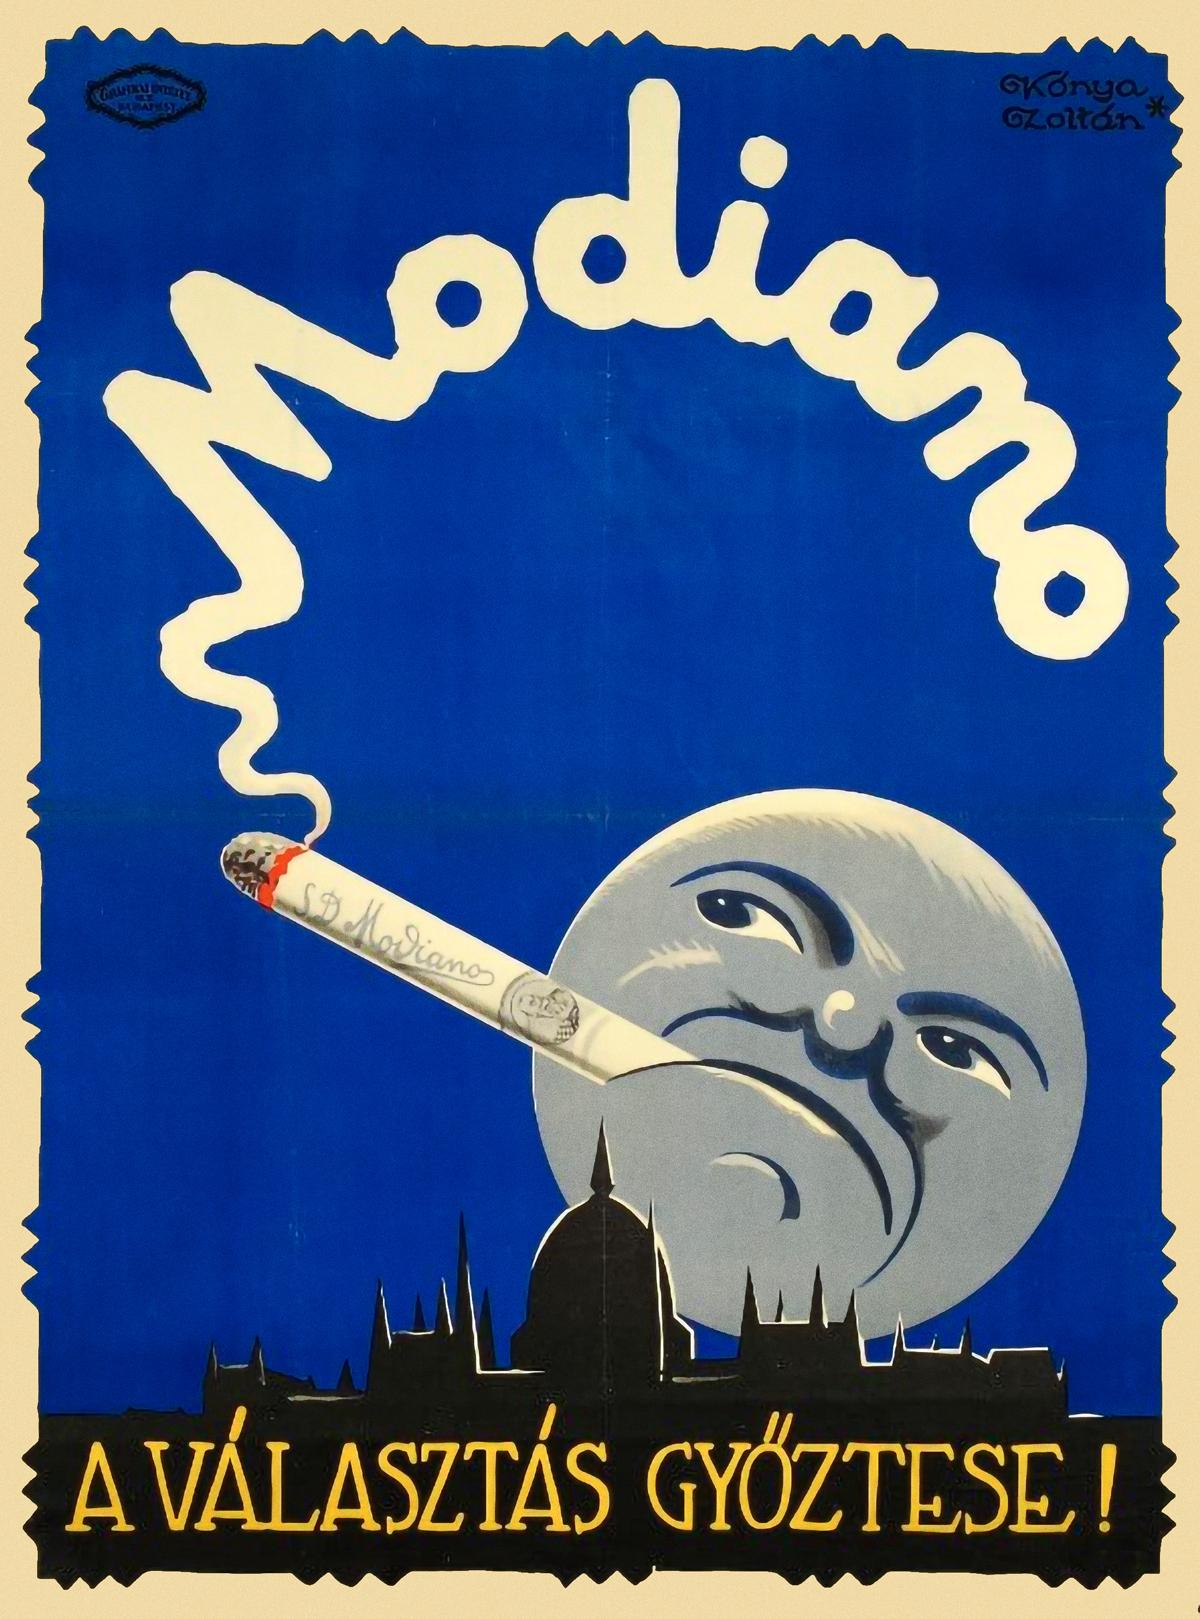 Modiano Cigarette Poster by Zoltán Kónya 1928